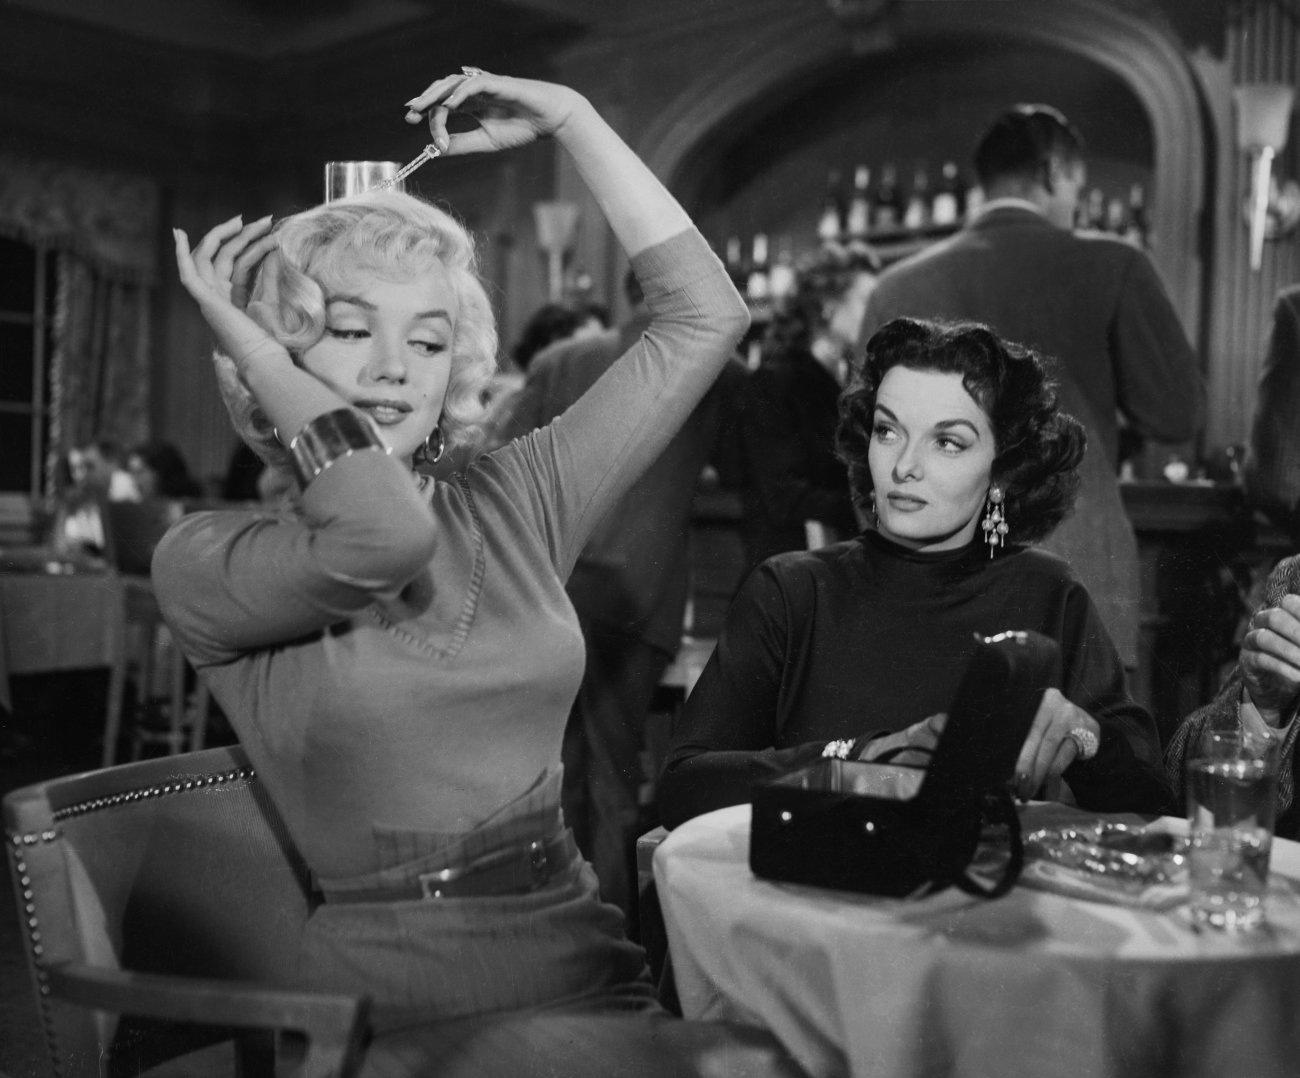 Marilyn Monroe and Jane Russell (Gentlemen Prefer Blondes)